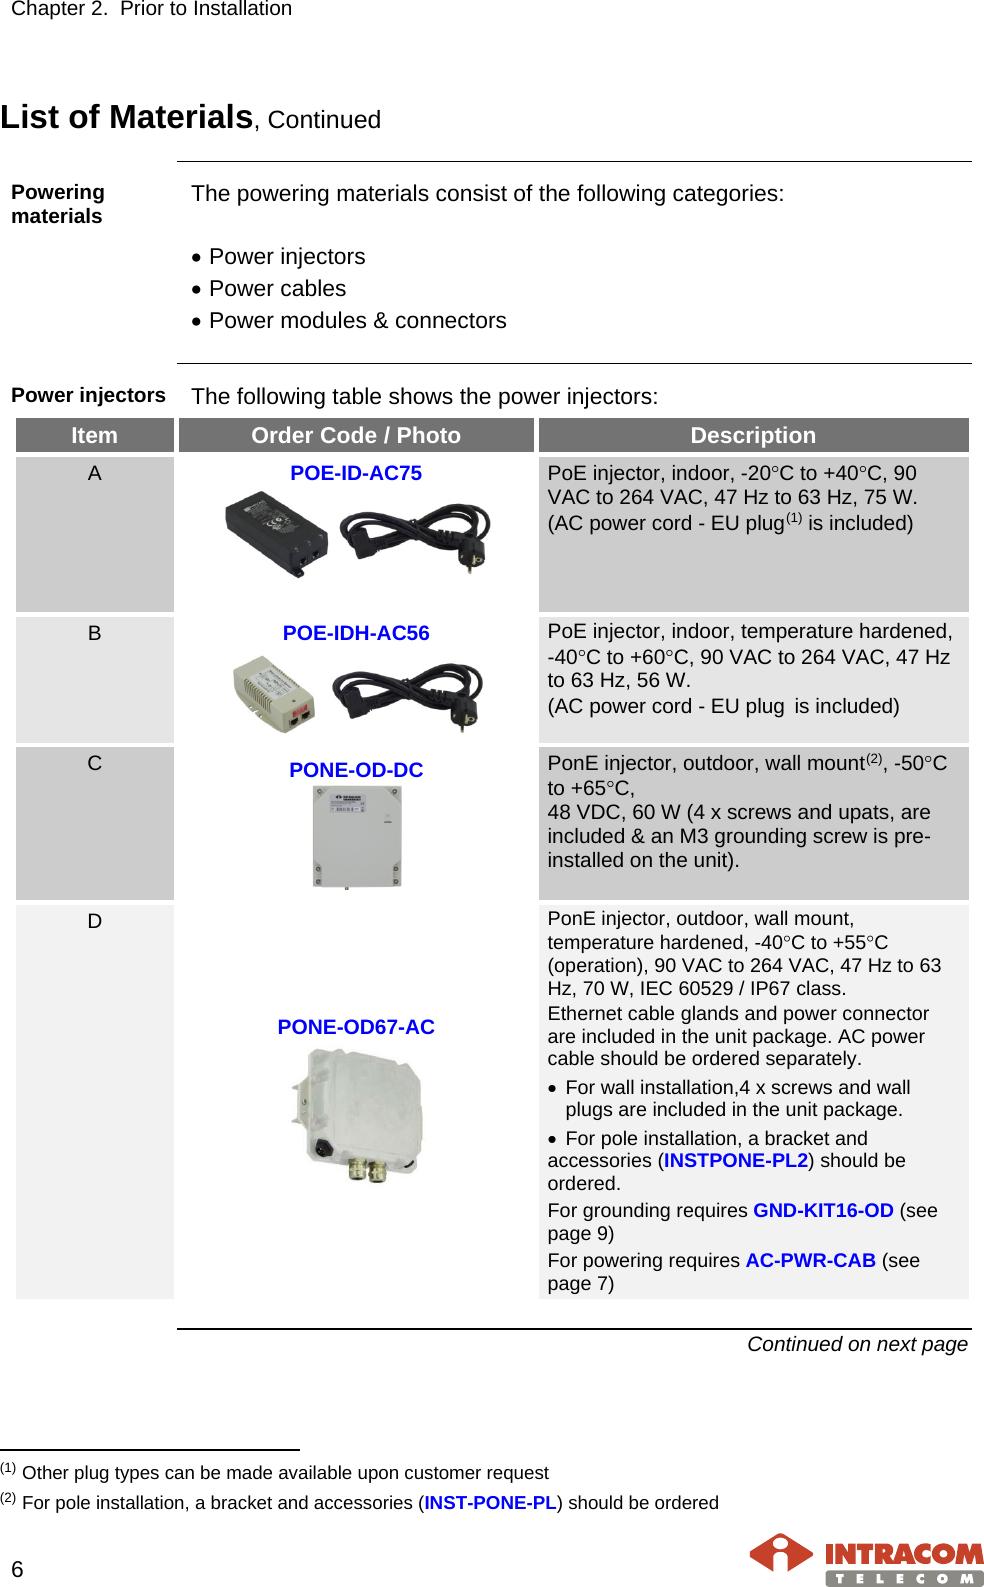 edm solution 16 installation manual